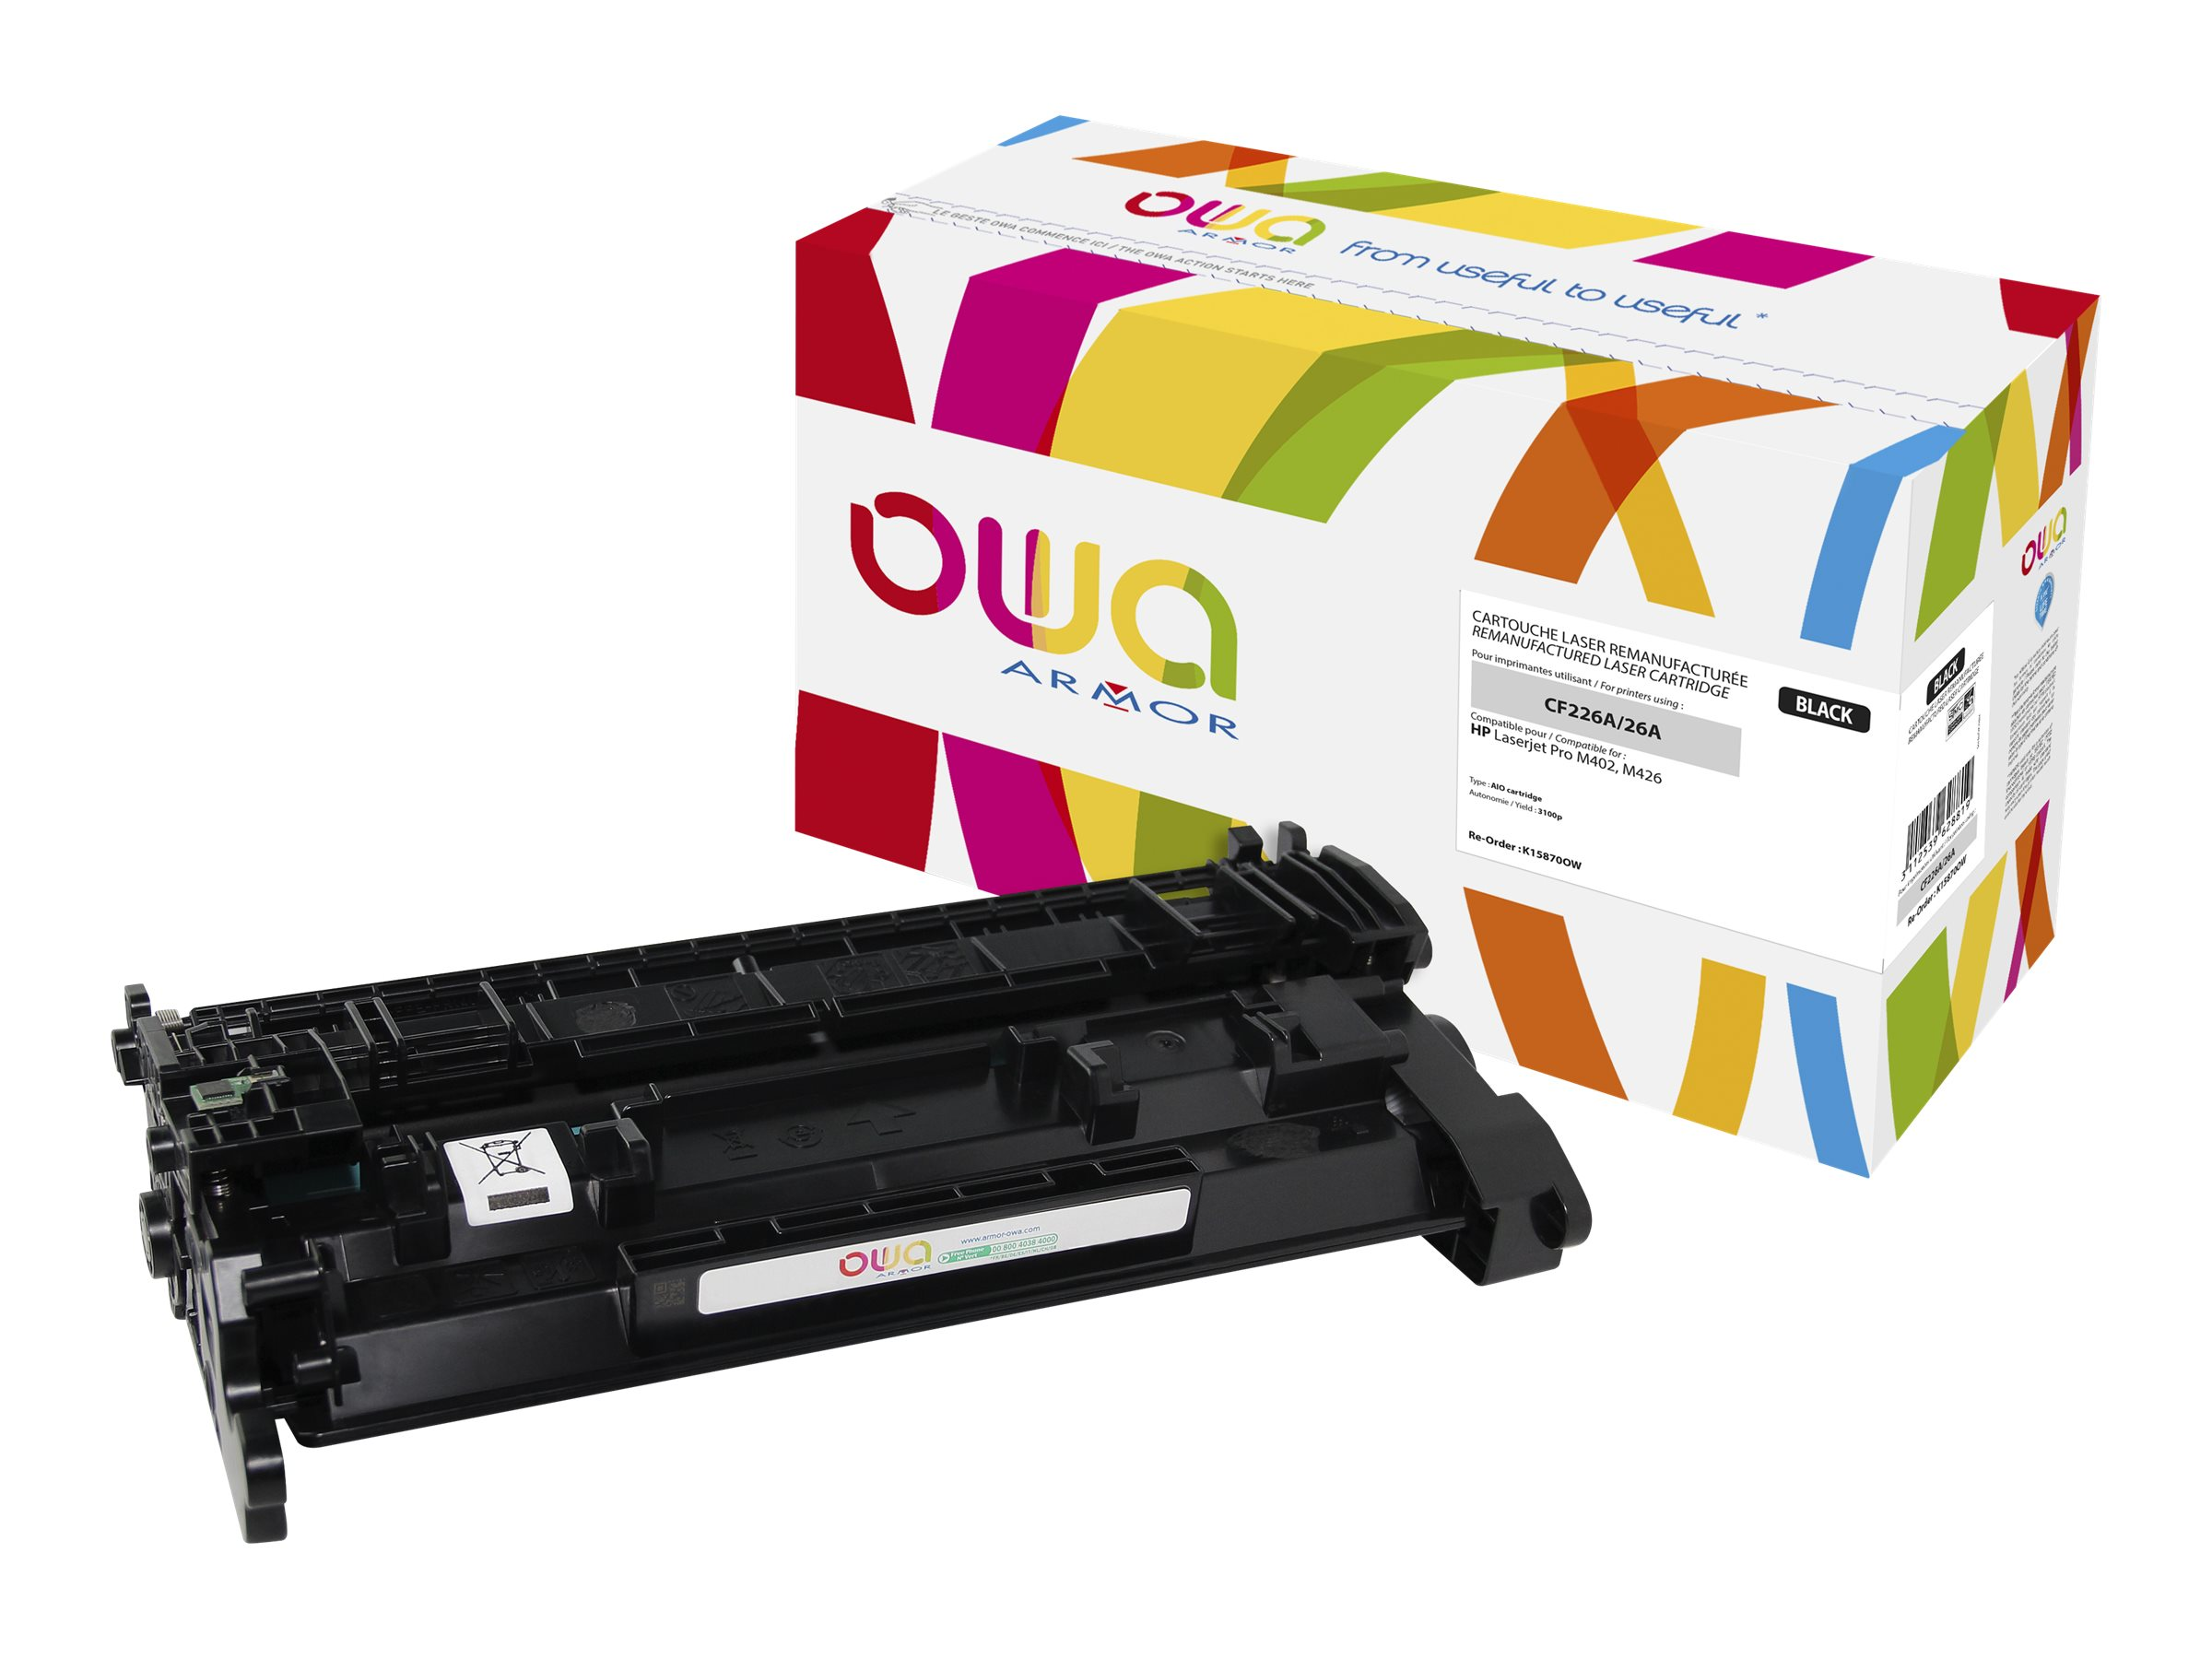 Owa K15870OW cartouche équivalente HP 26A - noir